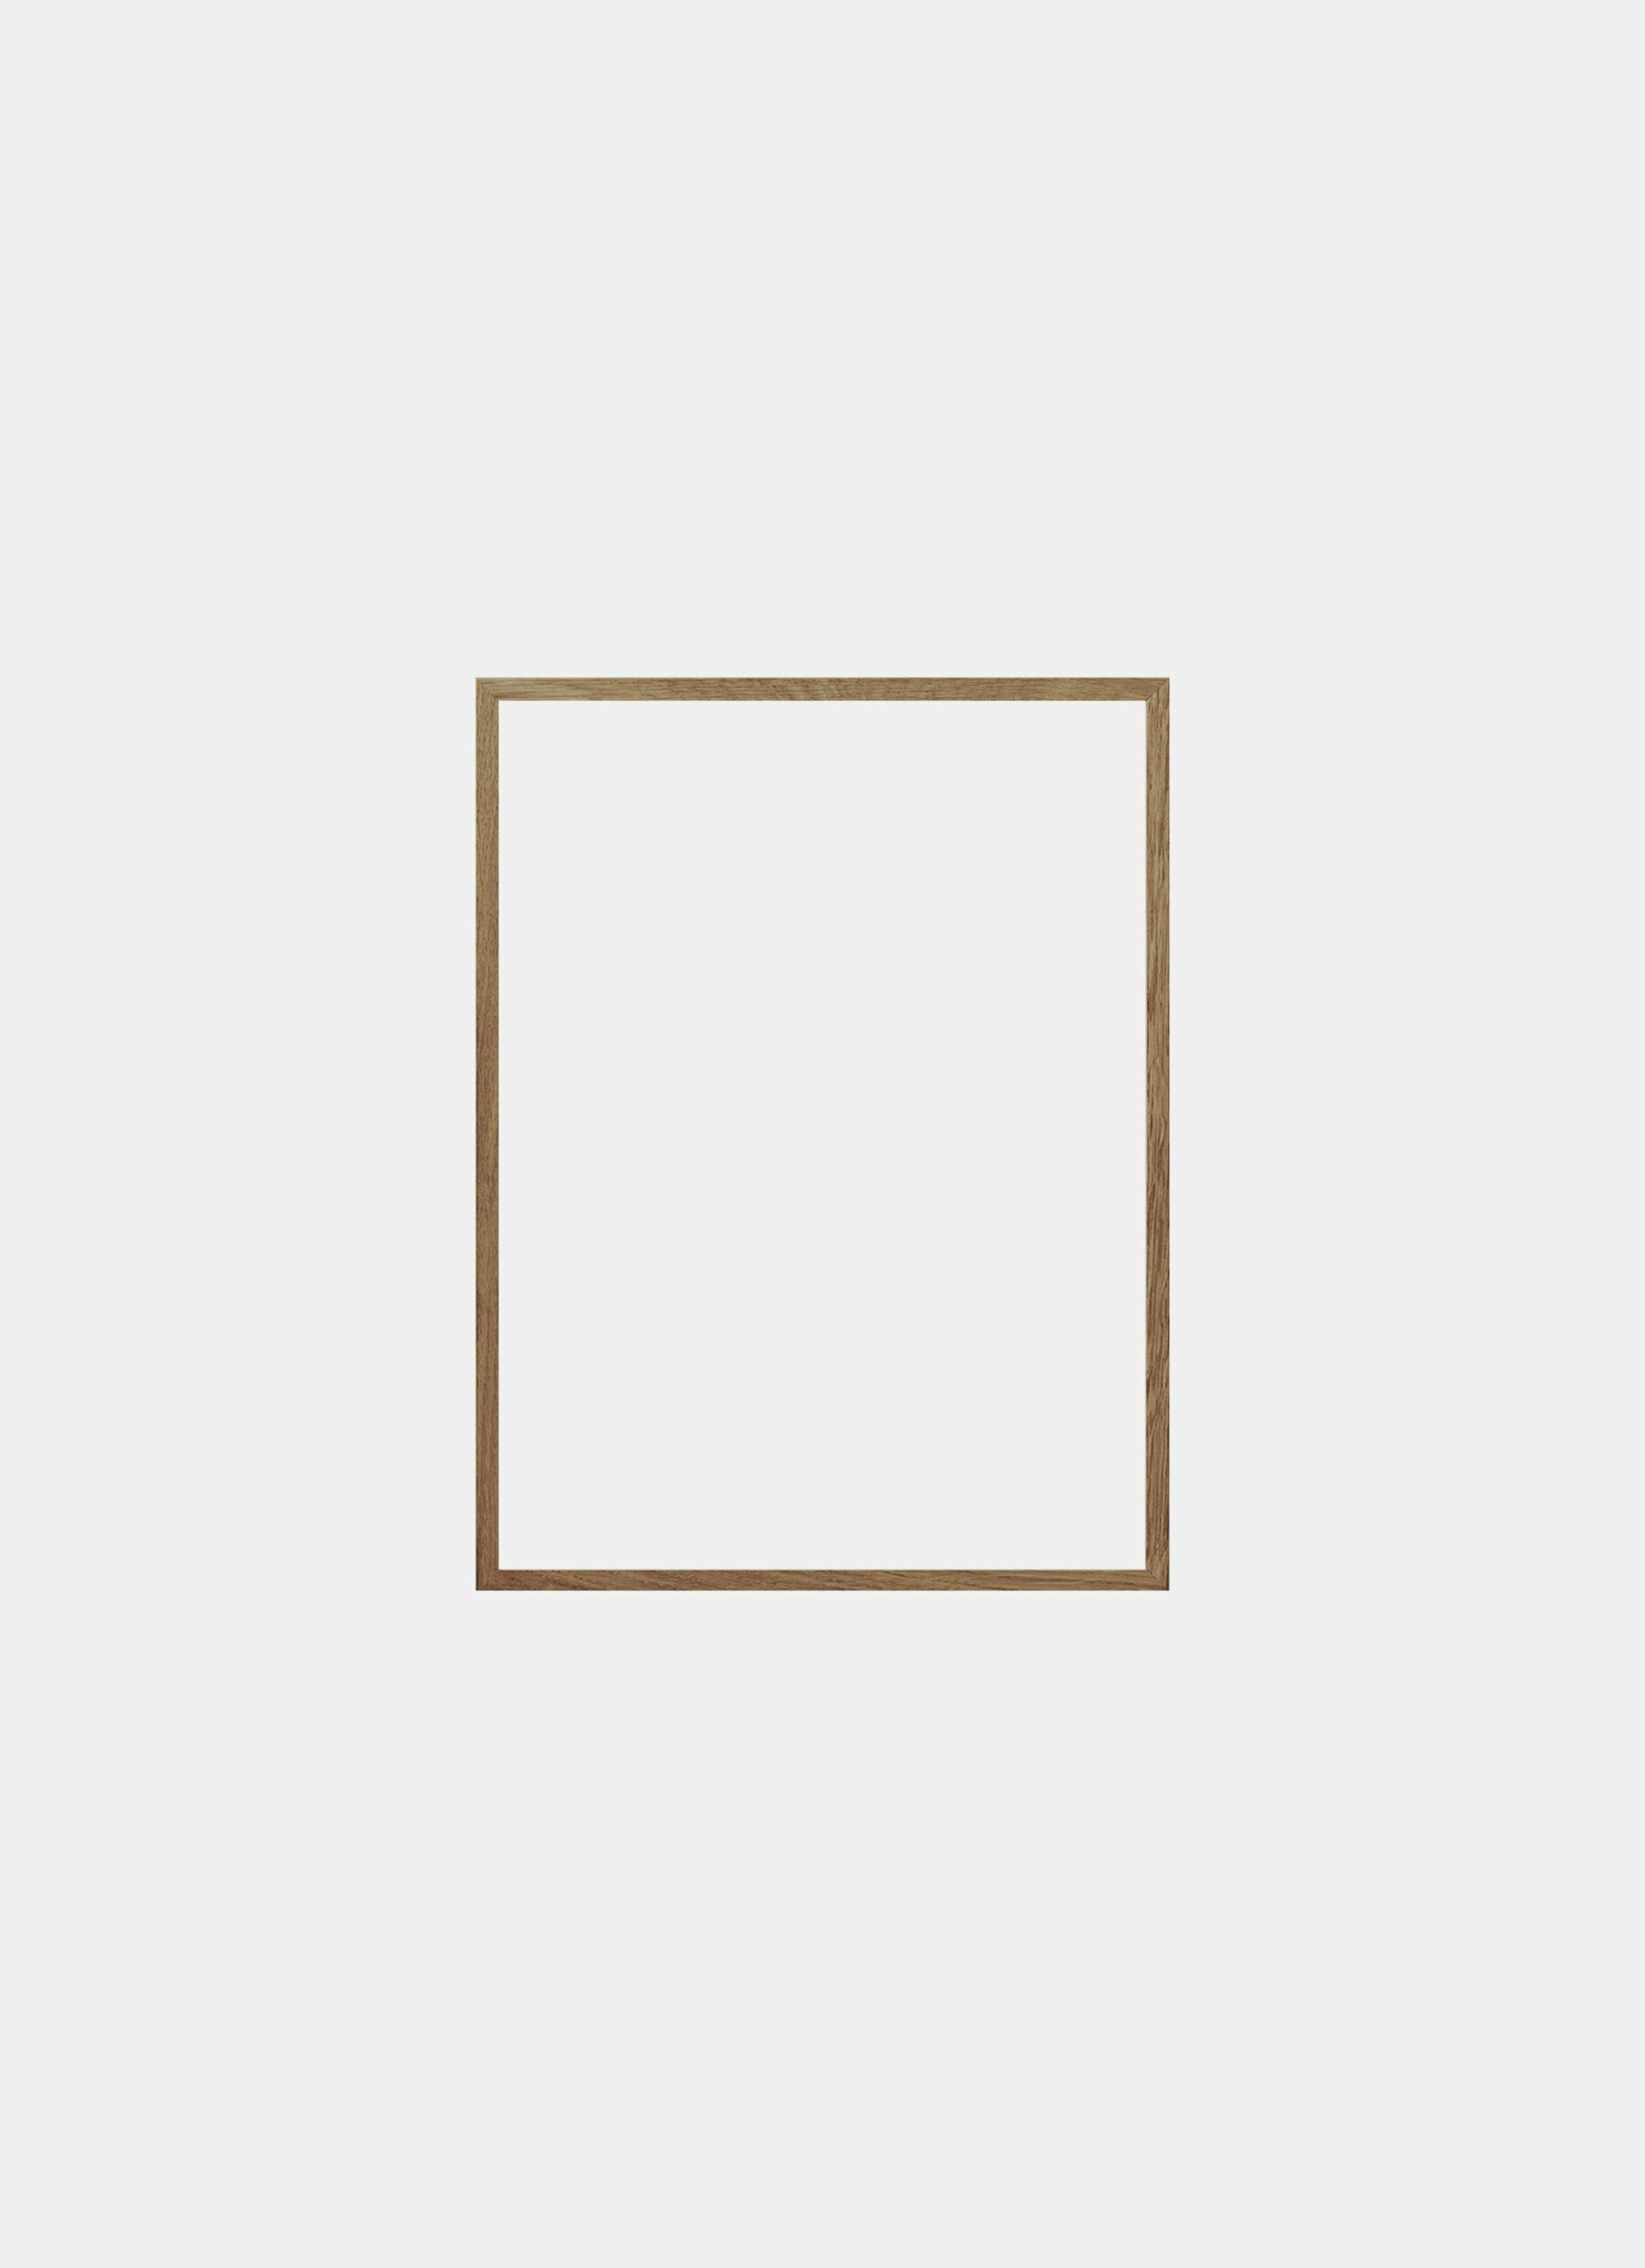 Solid Oak Frame - Natural - 40x50cm